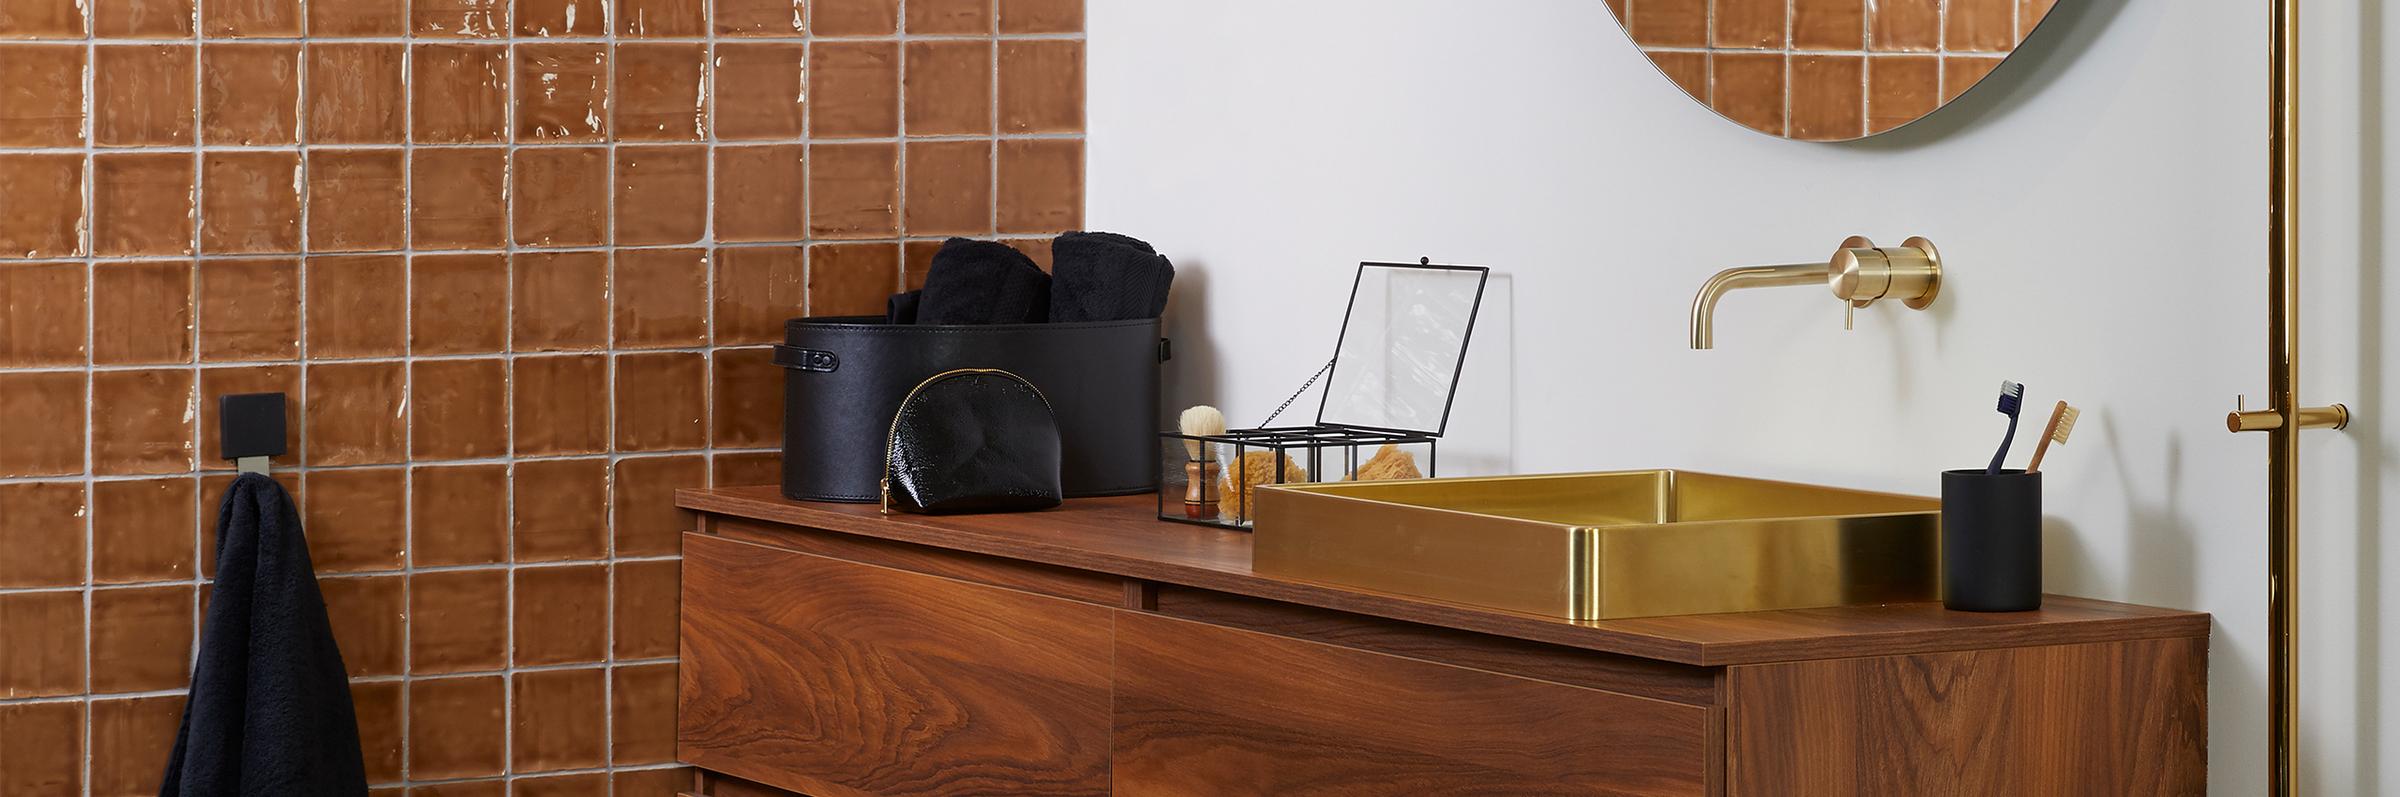 Badkamer met gouden accessoires - Badkamer met gouden accessoires